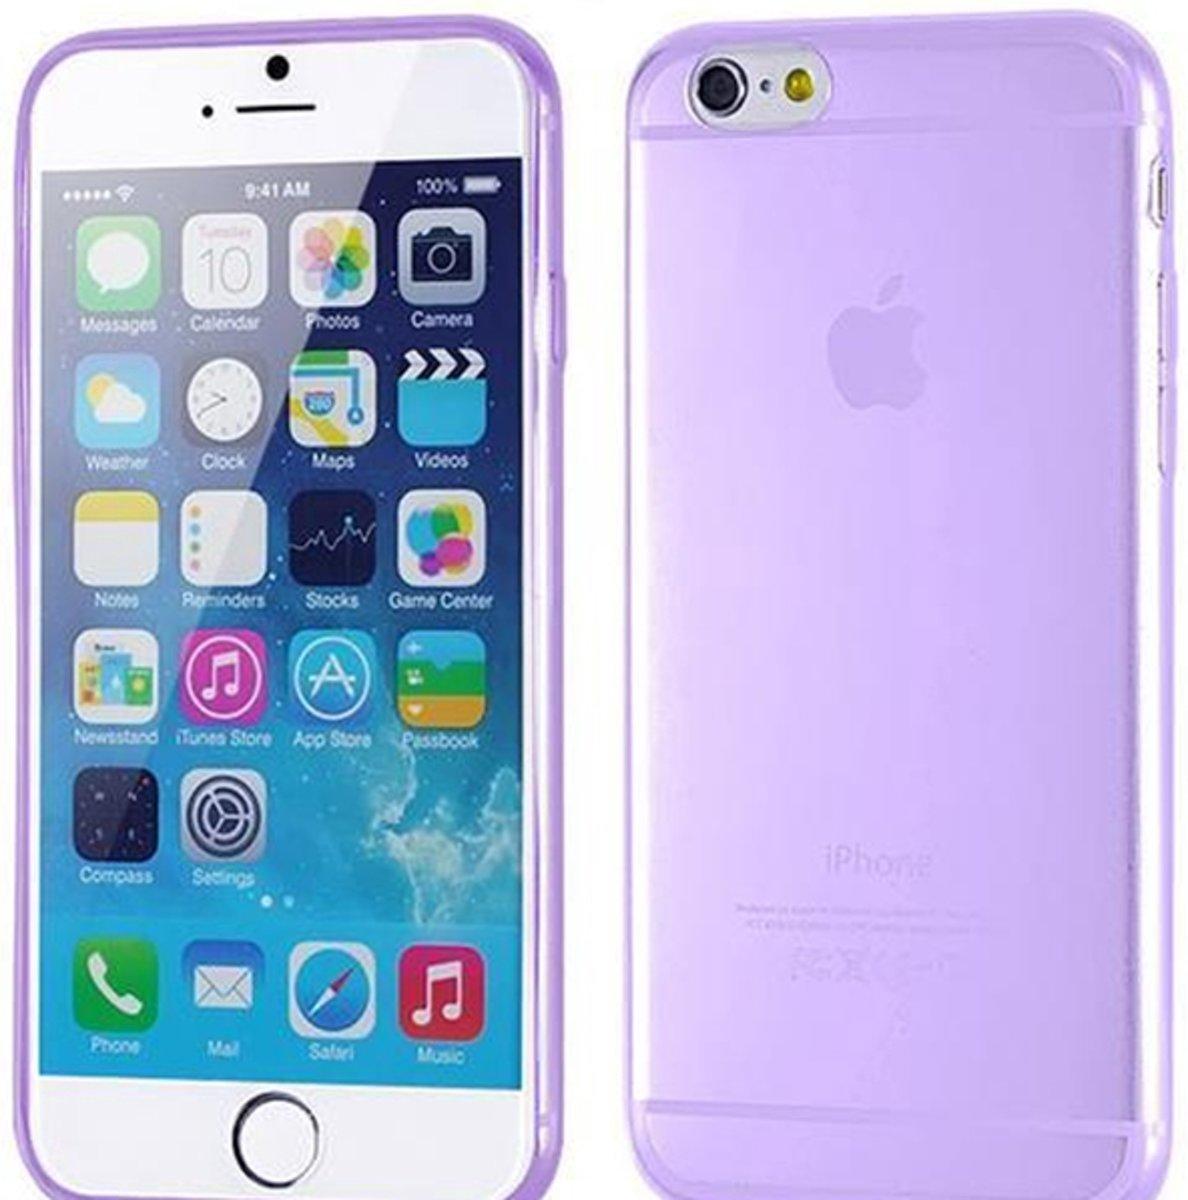 Paars silicone (flexibel) telefoonhoesje/case/cover voor iPhone 6 (S) kopen